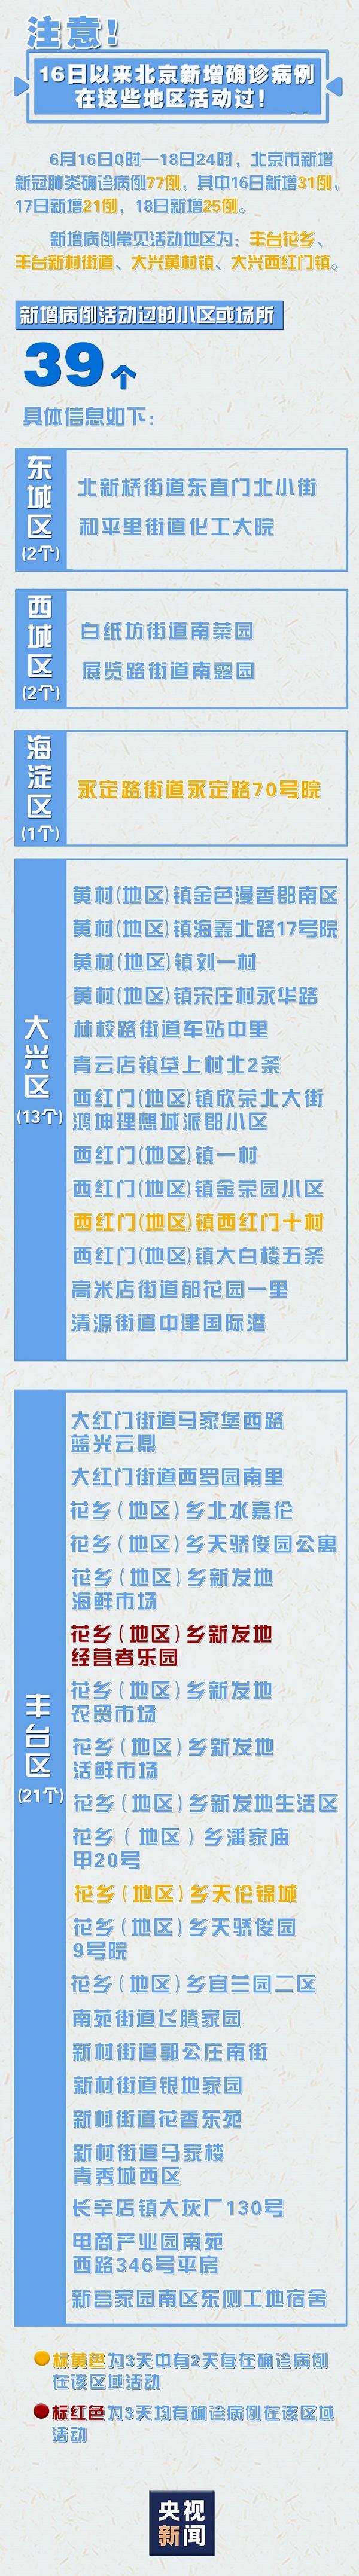 注意!16日以来,北京新增确诊病例在这些地区活动过图片